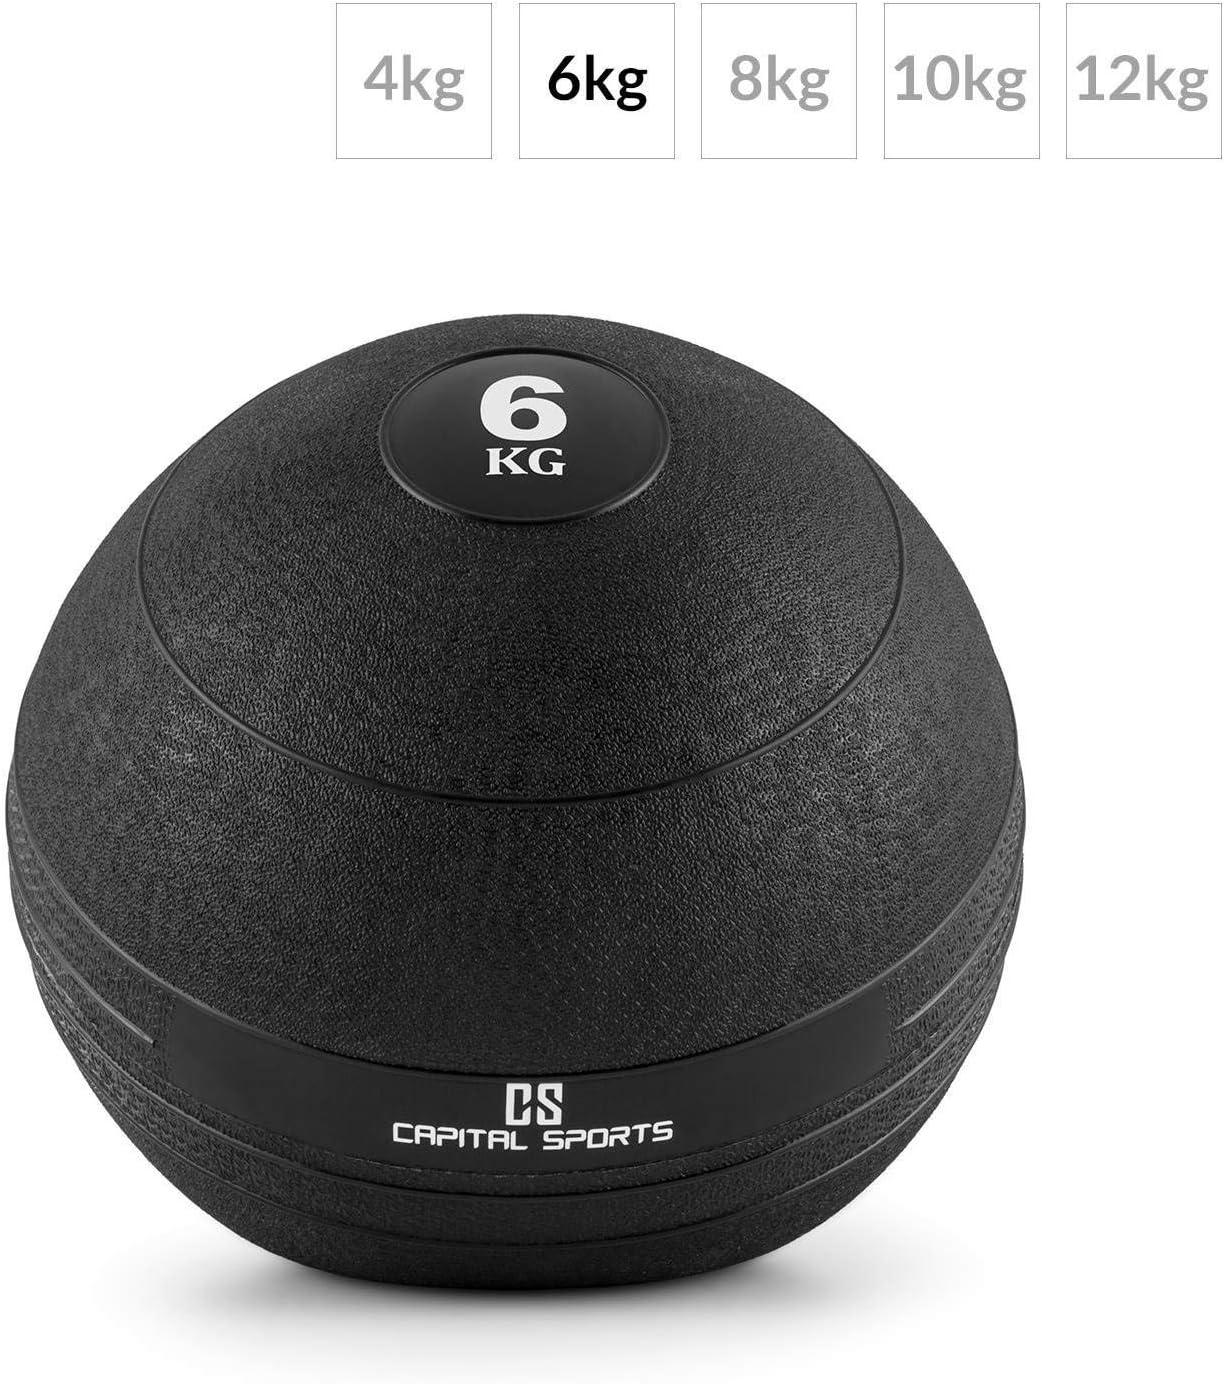 CAPITAL SPORTS Groundcracker Pelota de peso 6kg (Balón medicinal ...